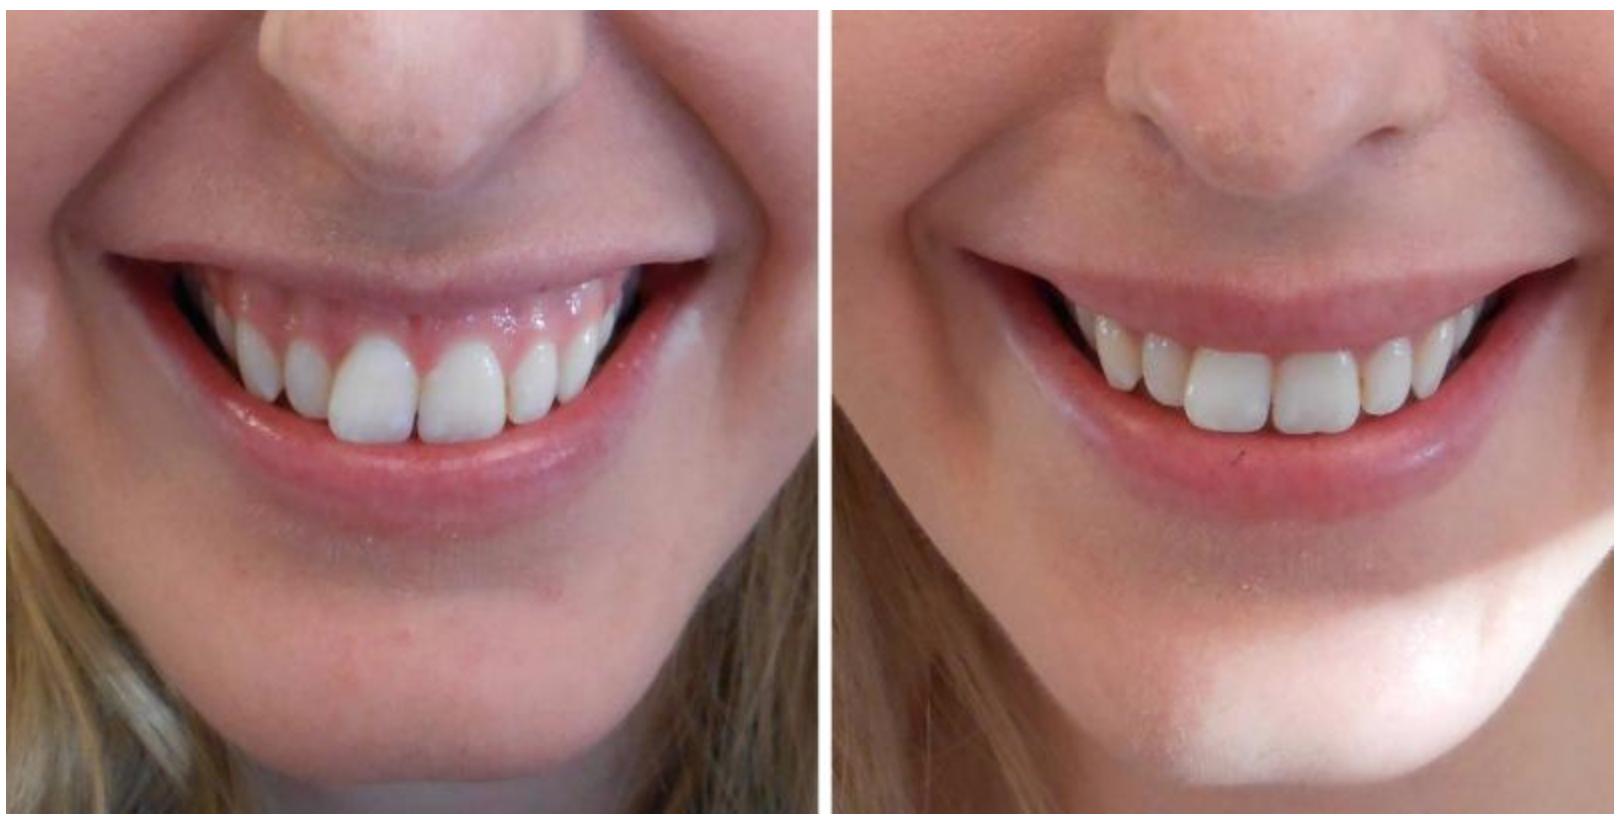 Tannkjøttsmil/Gummy smile